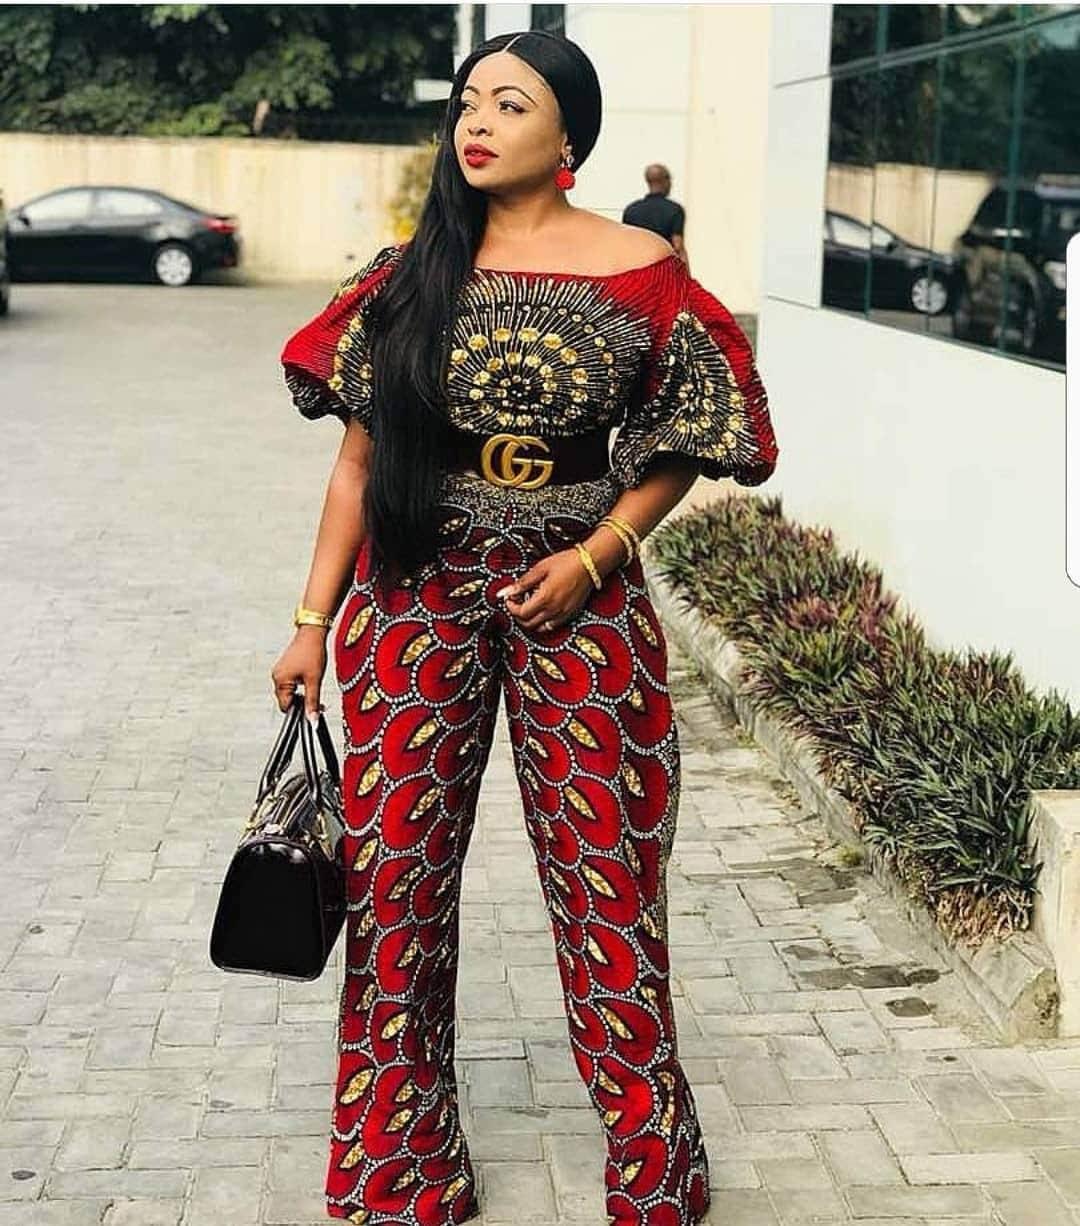 Combinaison de pagne africain avec manches ballon vêtements | Etsy